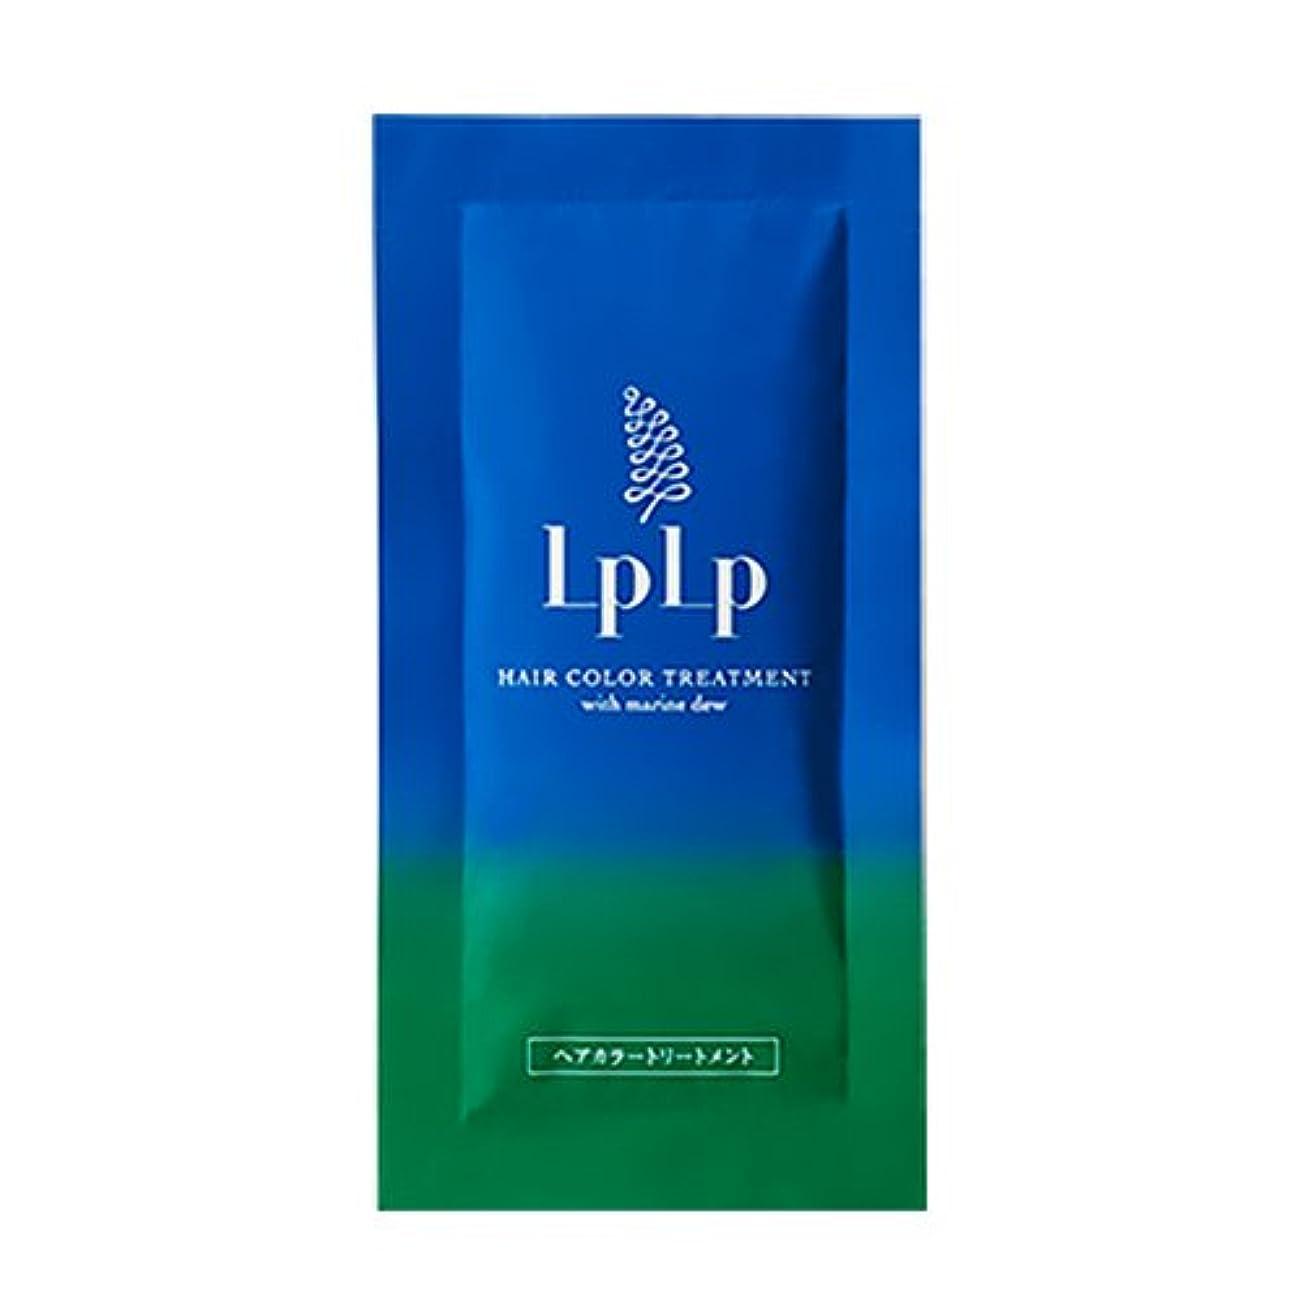 葉裏切り者癒すLPLP(ルプルプ)ヘアカラートリートメントお試しパウチ ソフトブラック